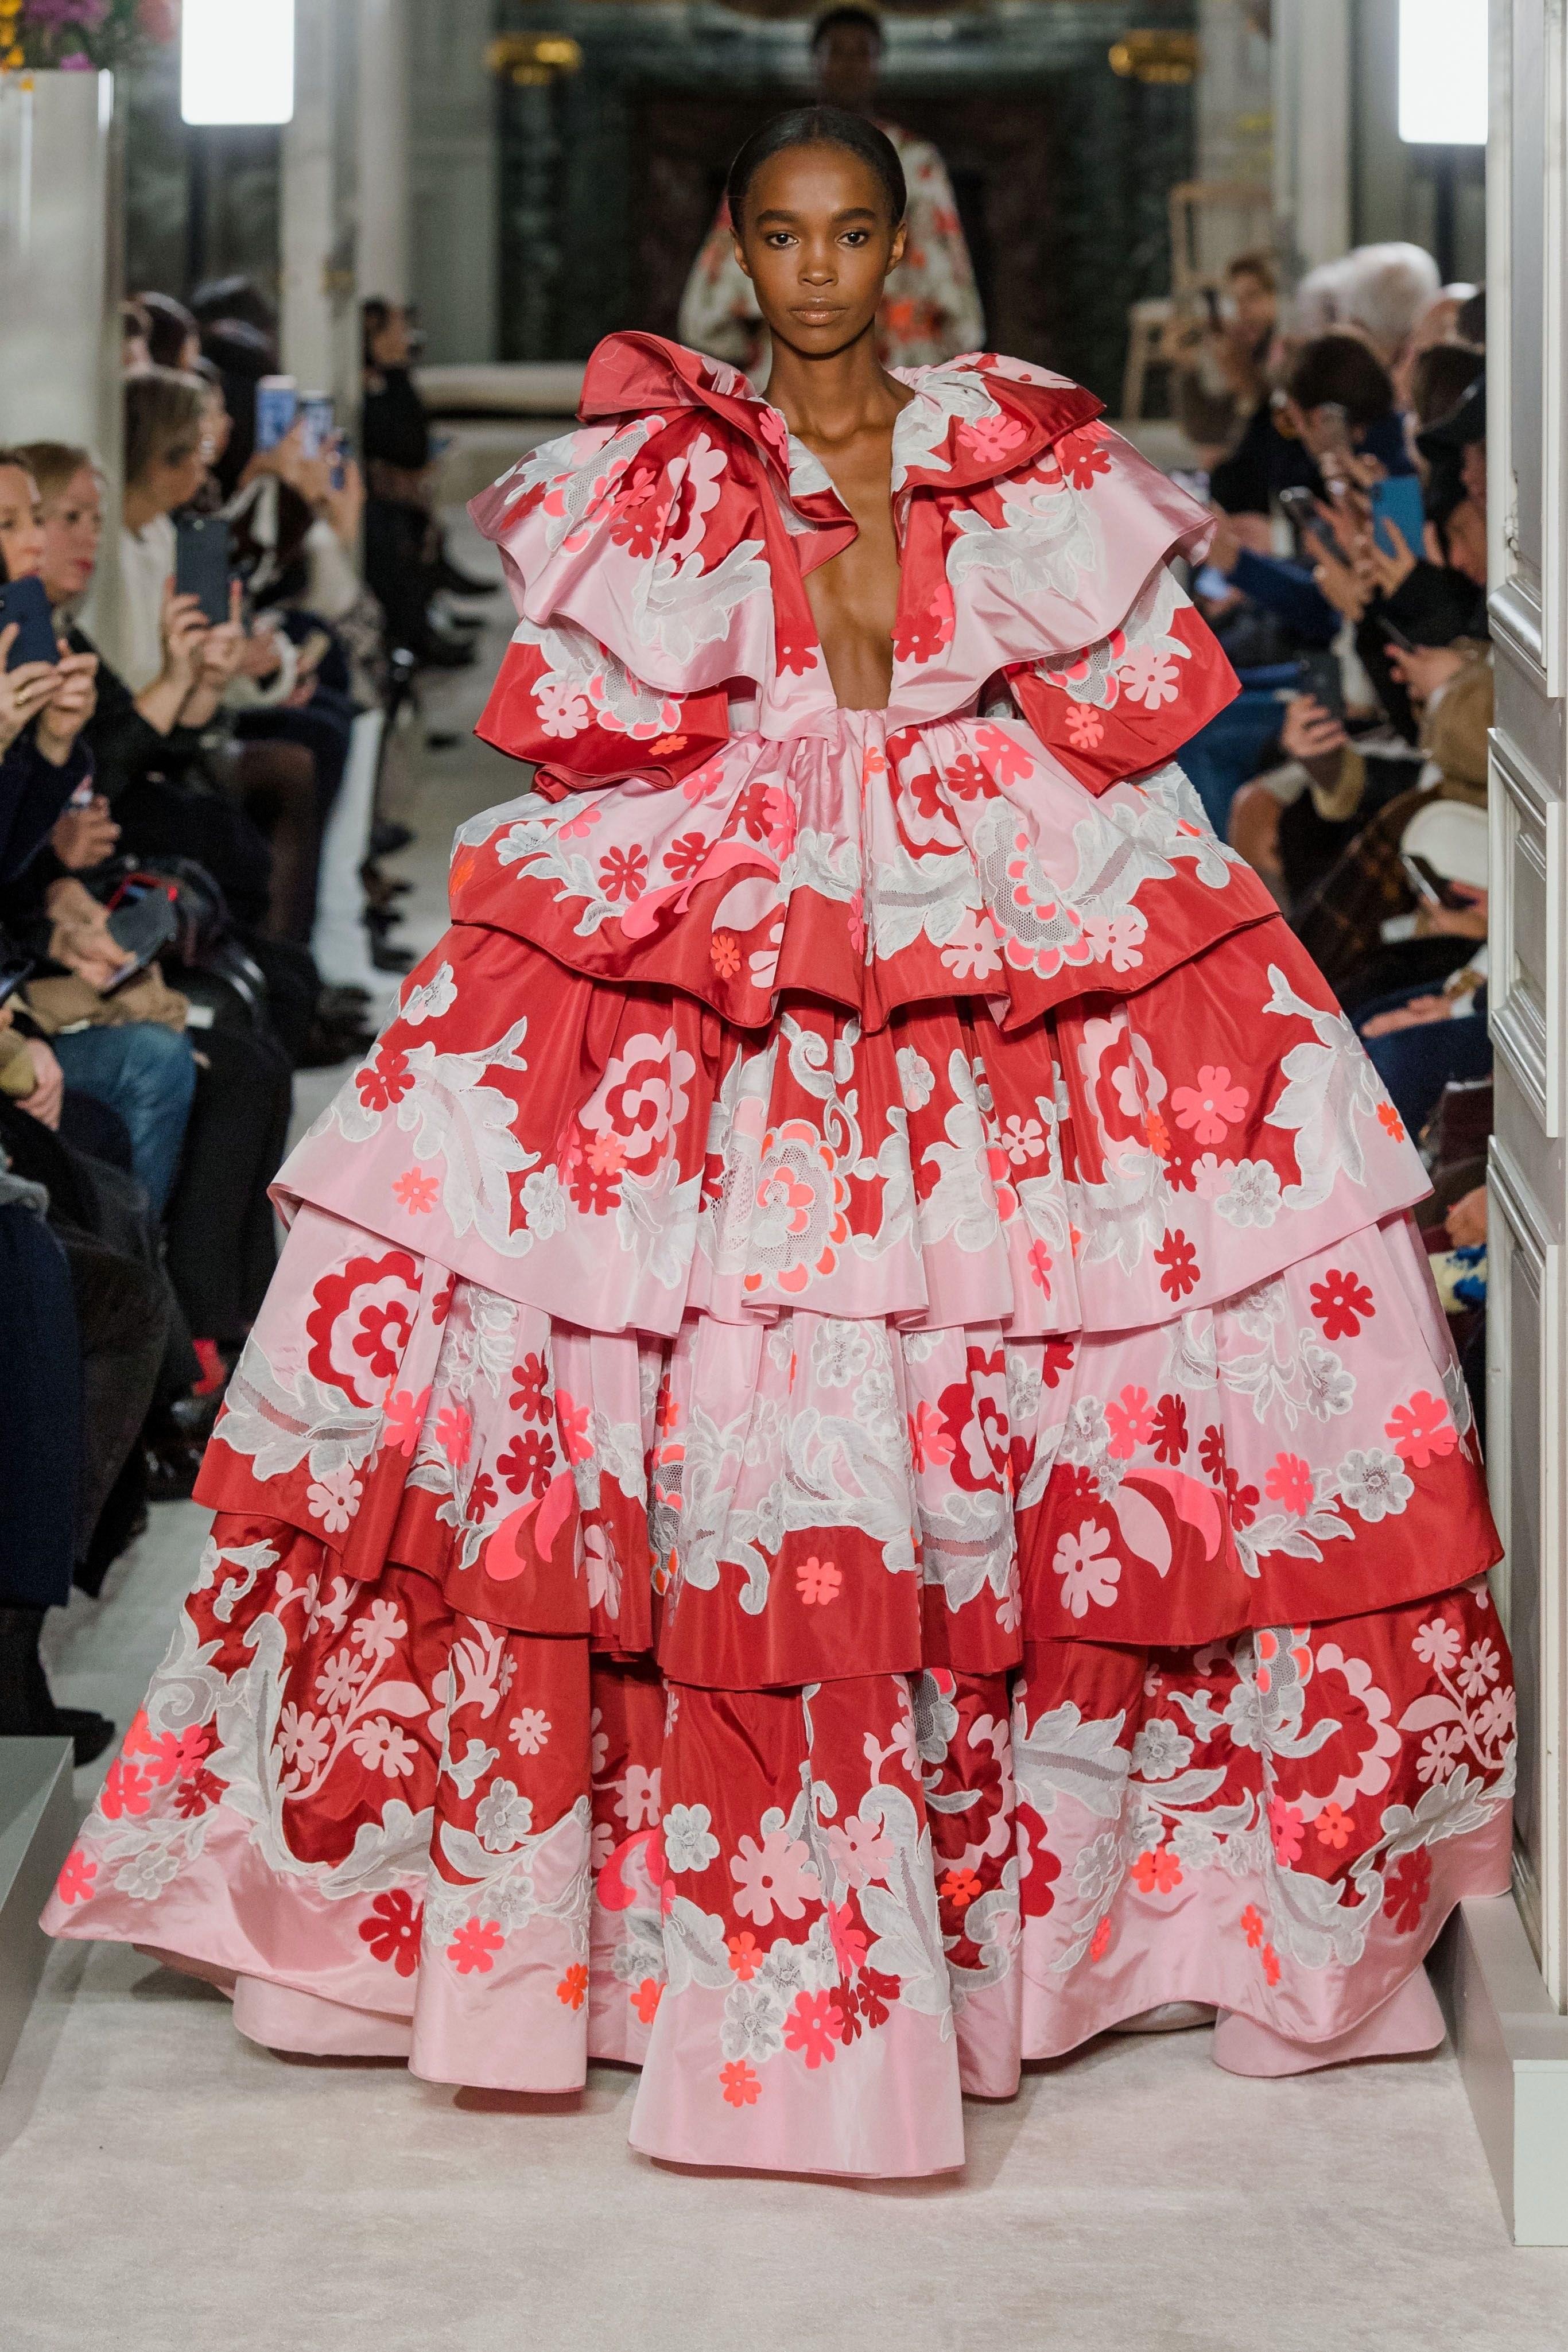 Show diễn Valentino: người mẫu diện cả cây lau nhà lên người và câu chuyện đằng sau! - 1